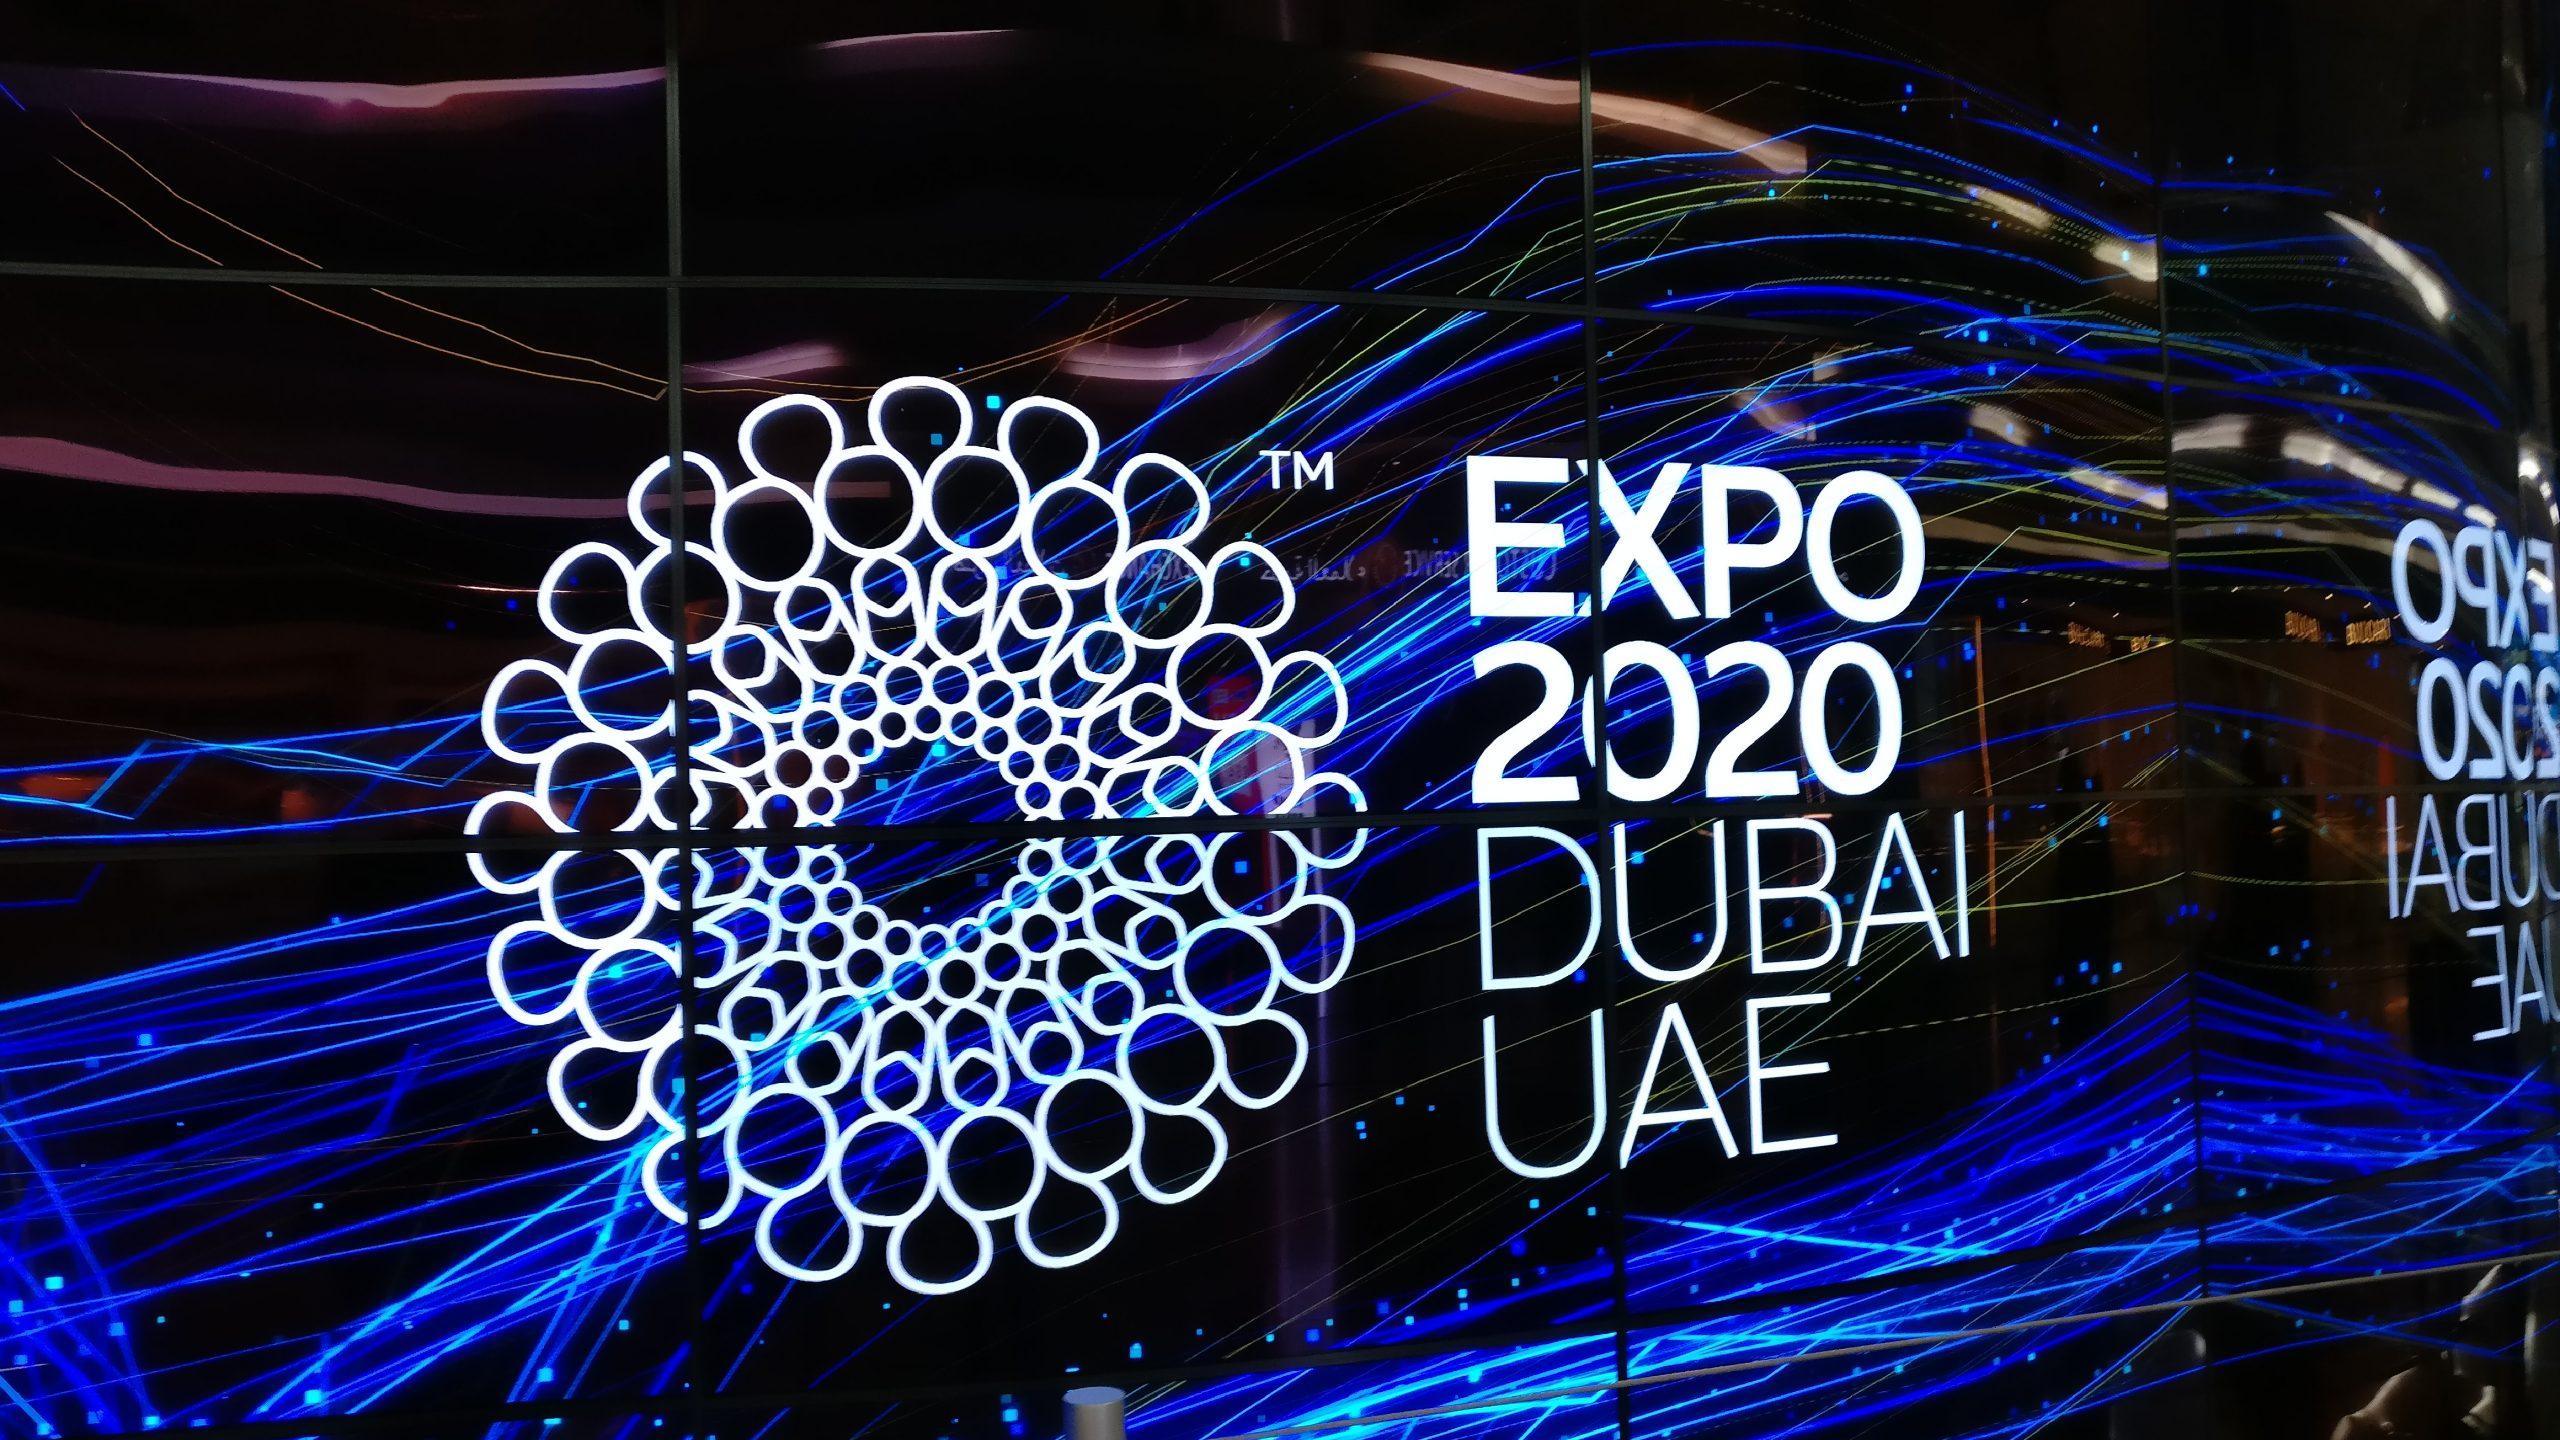 Cibo Expo 2020 Dubai